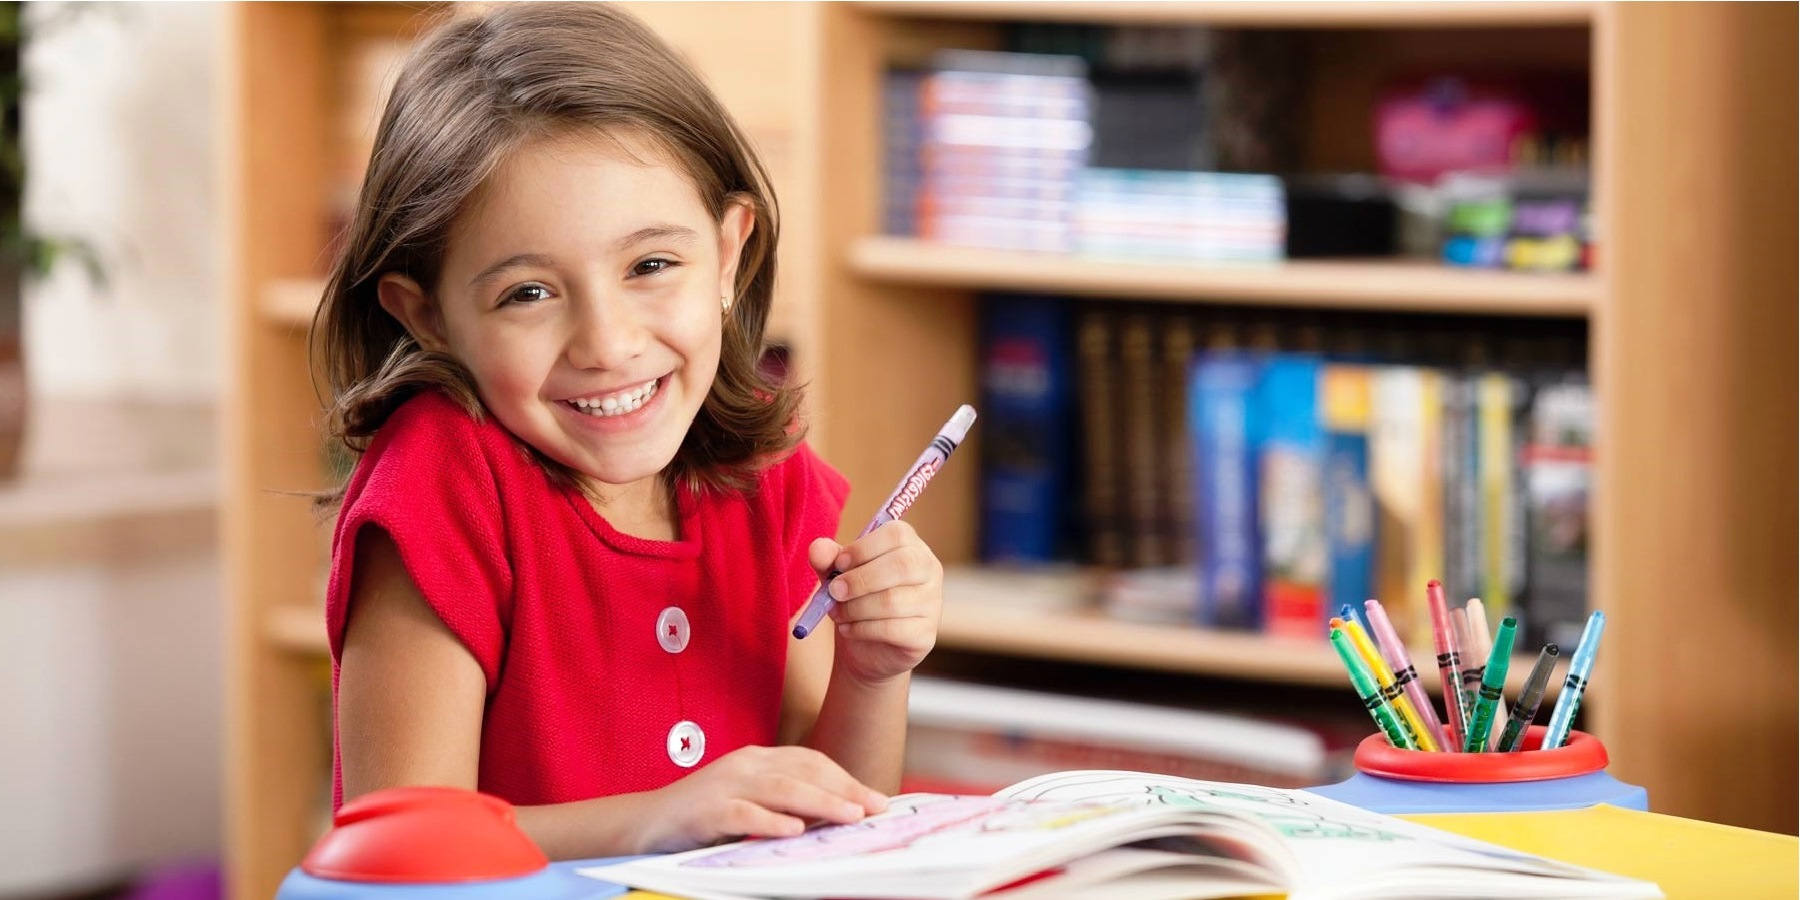 Для чего людям нужны курсы испанского языка? Три причины отправвить ребенка на изучение испанского языка по мнению специалистов.